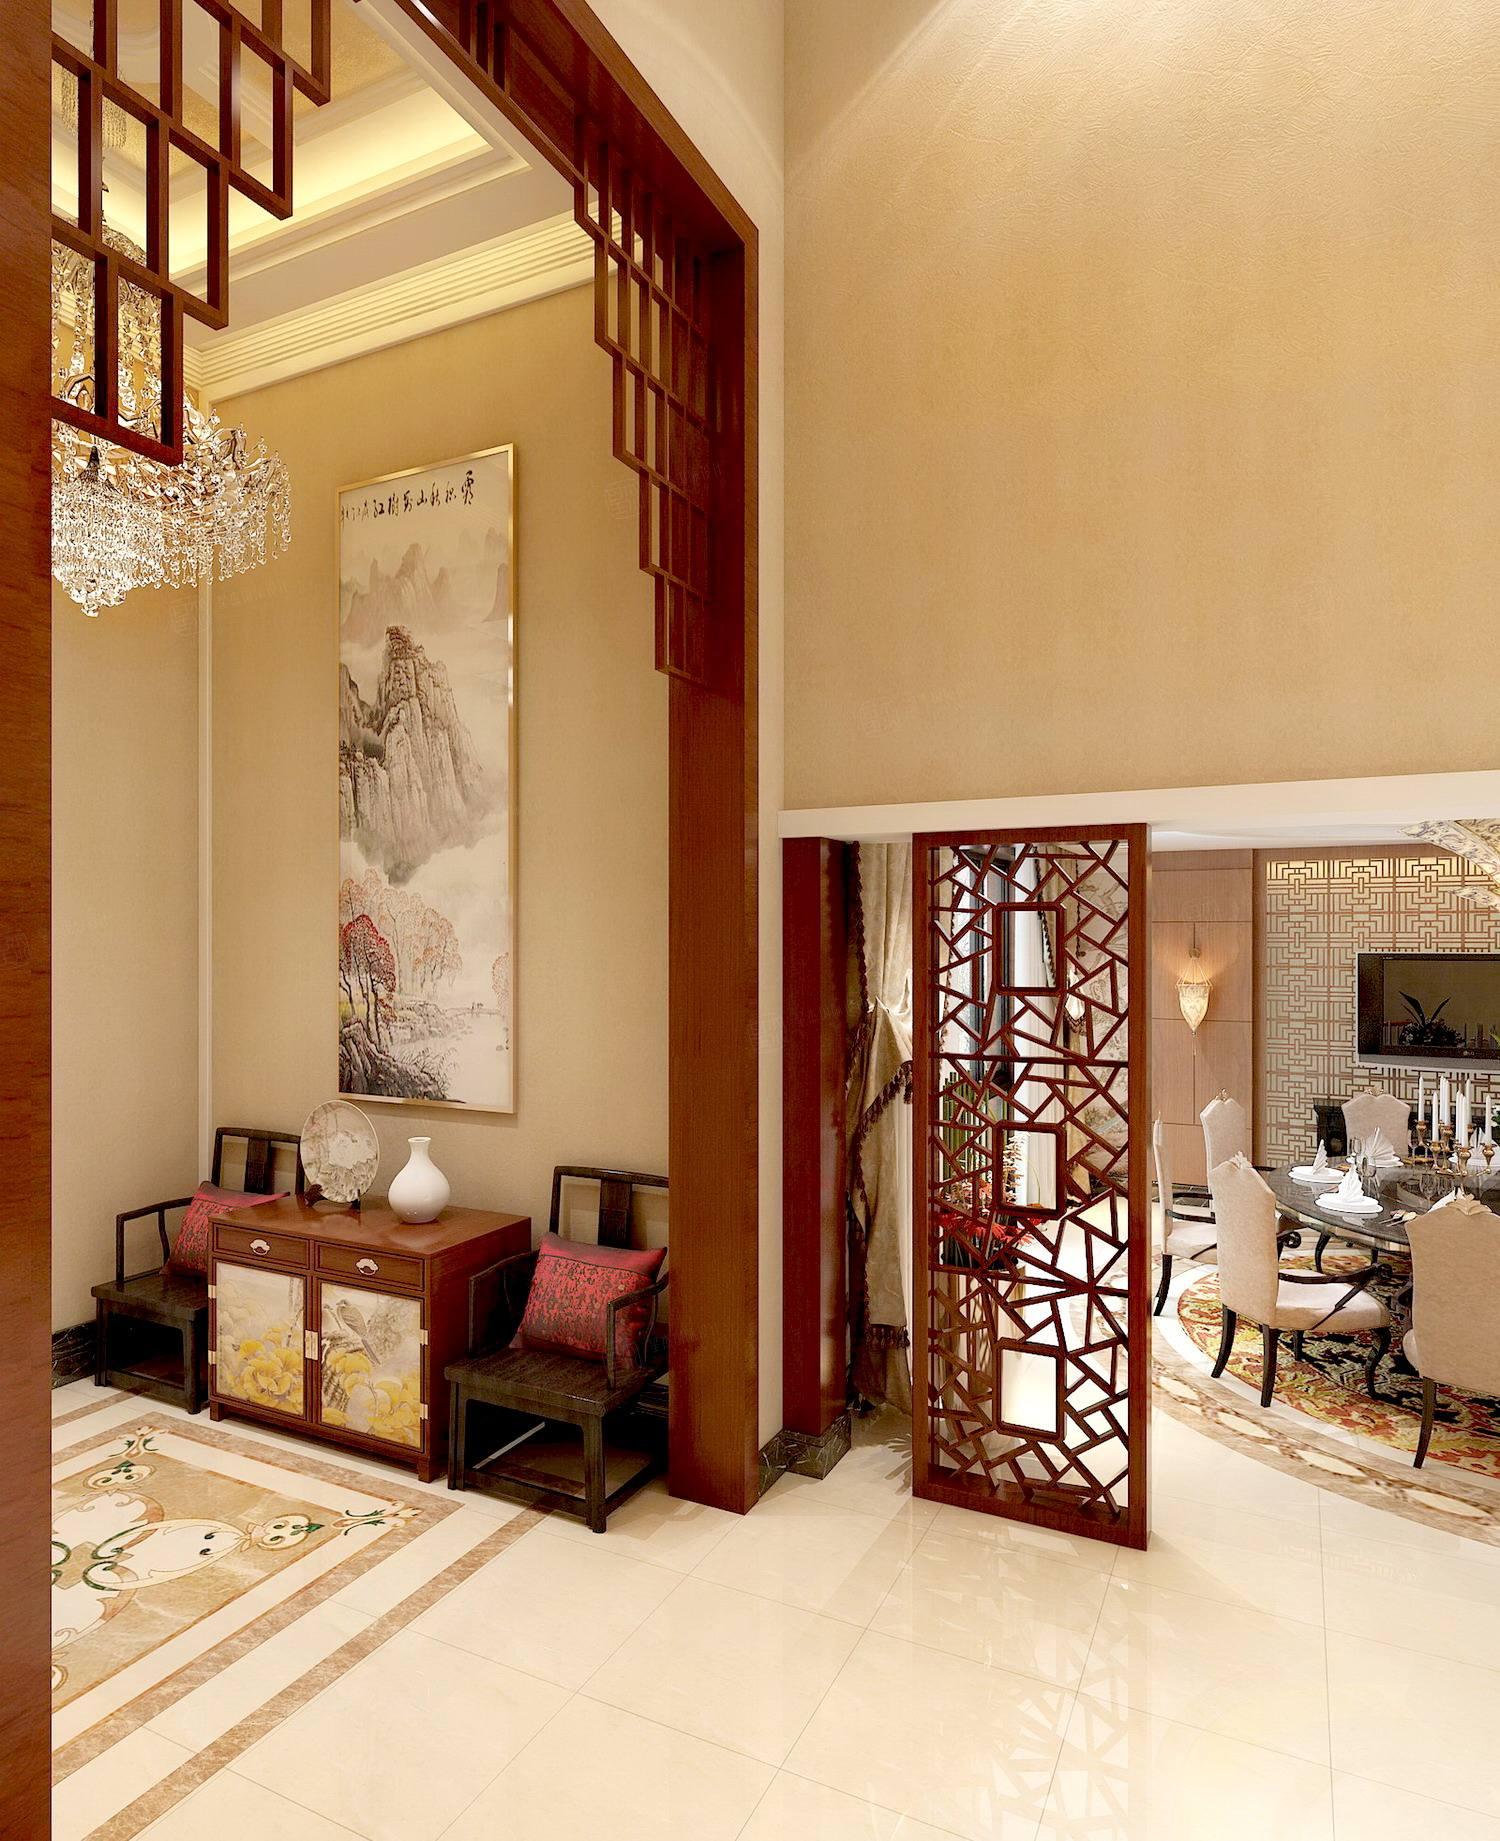 御翠园 中式装修门厅效果图